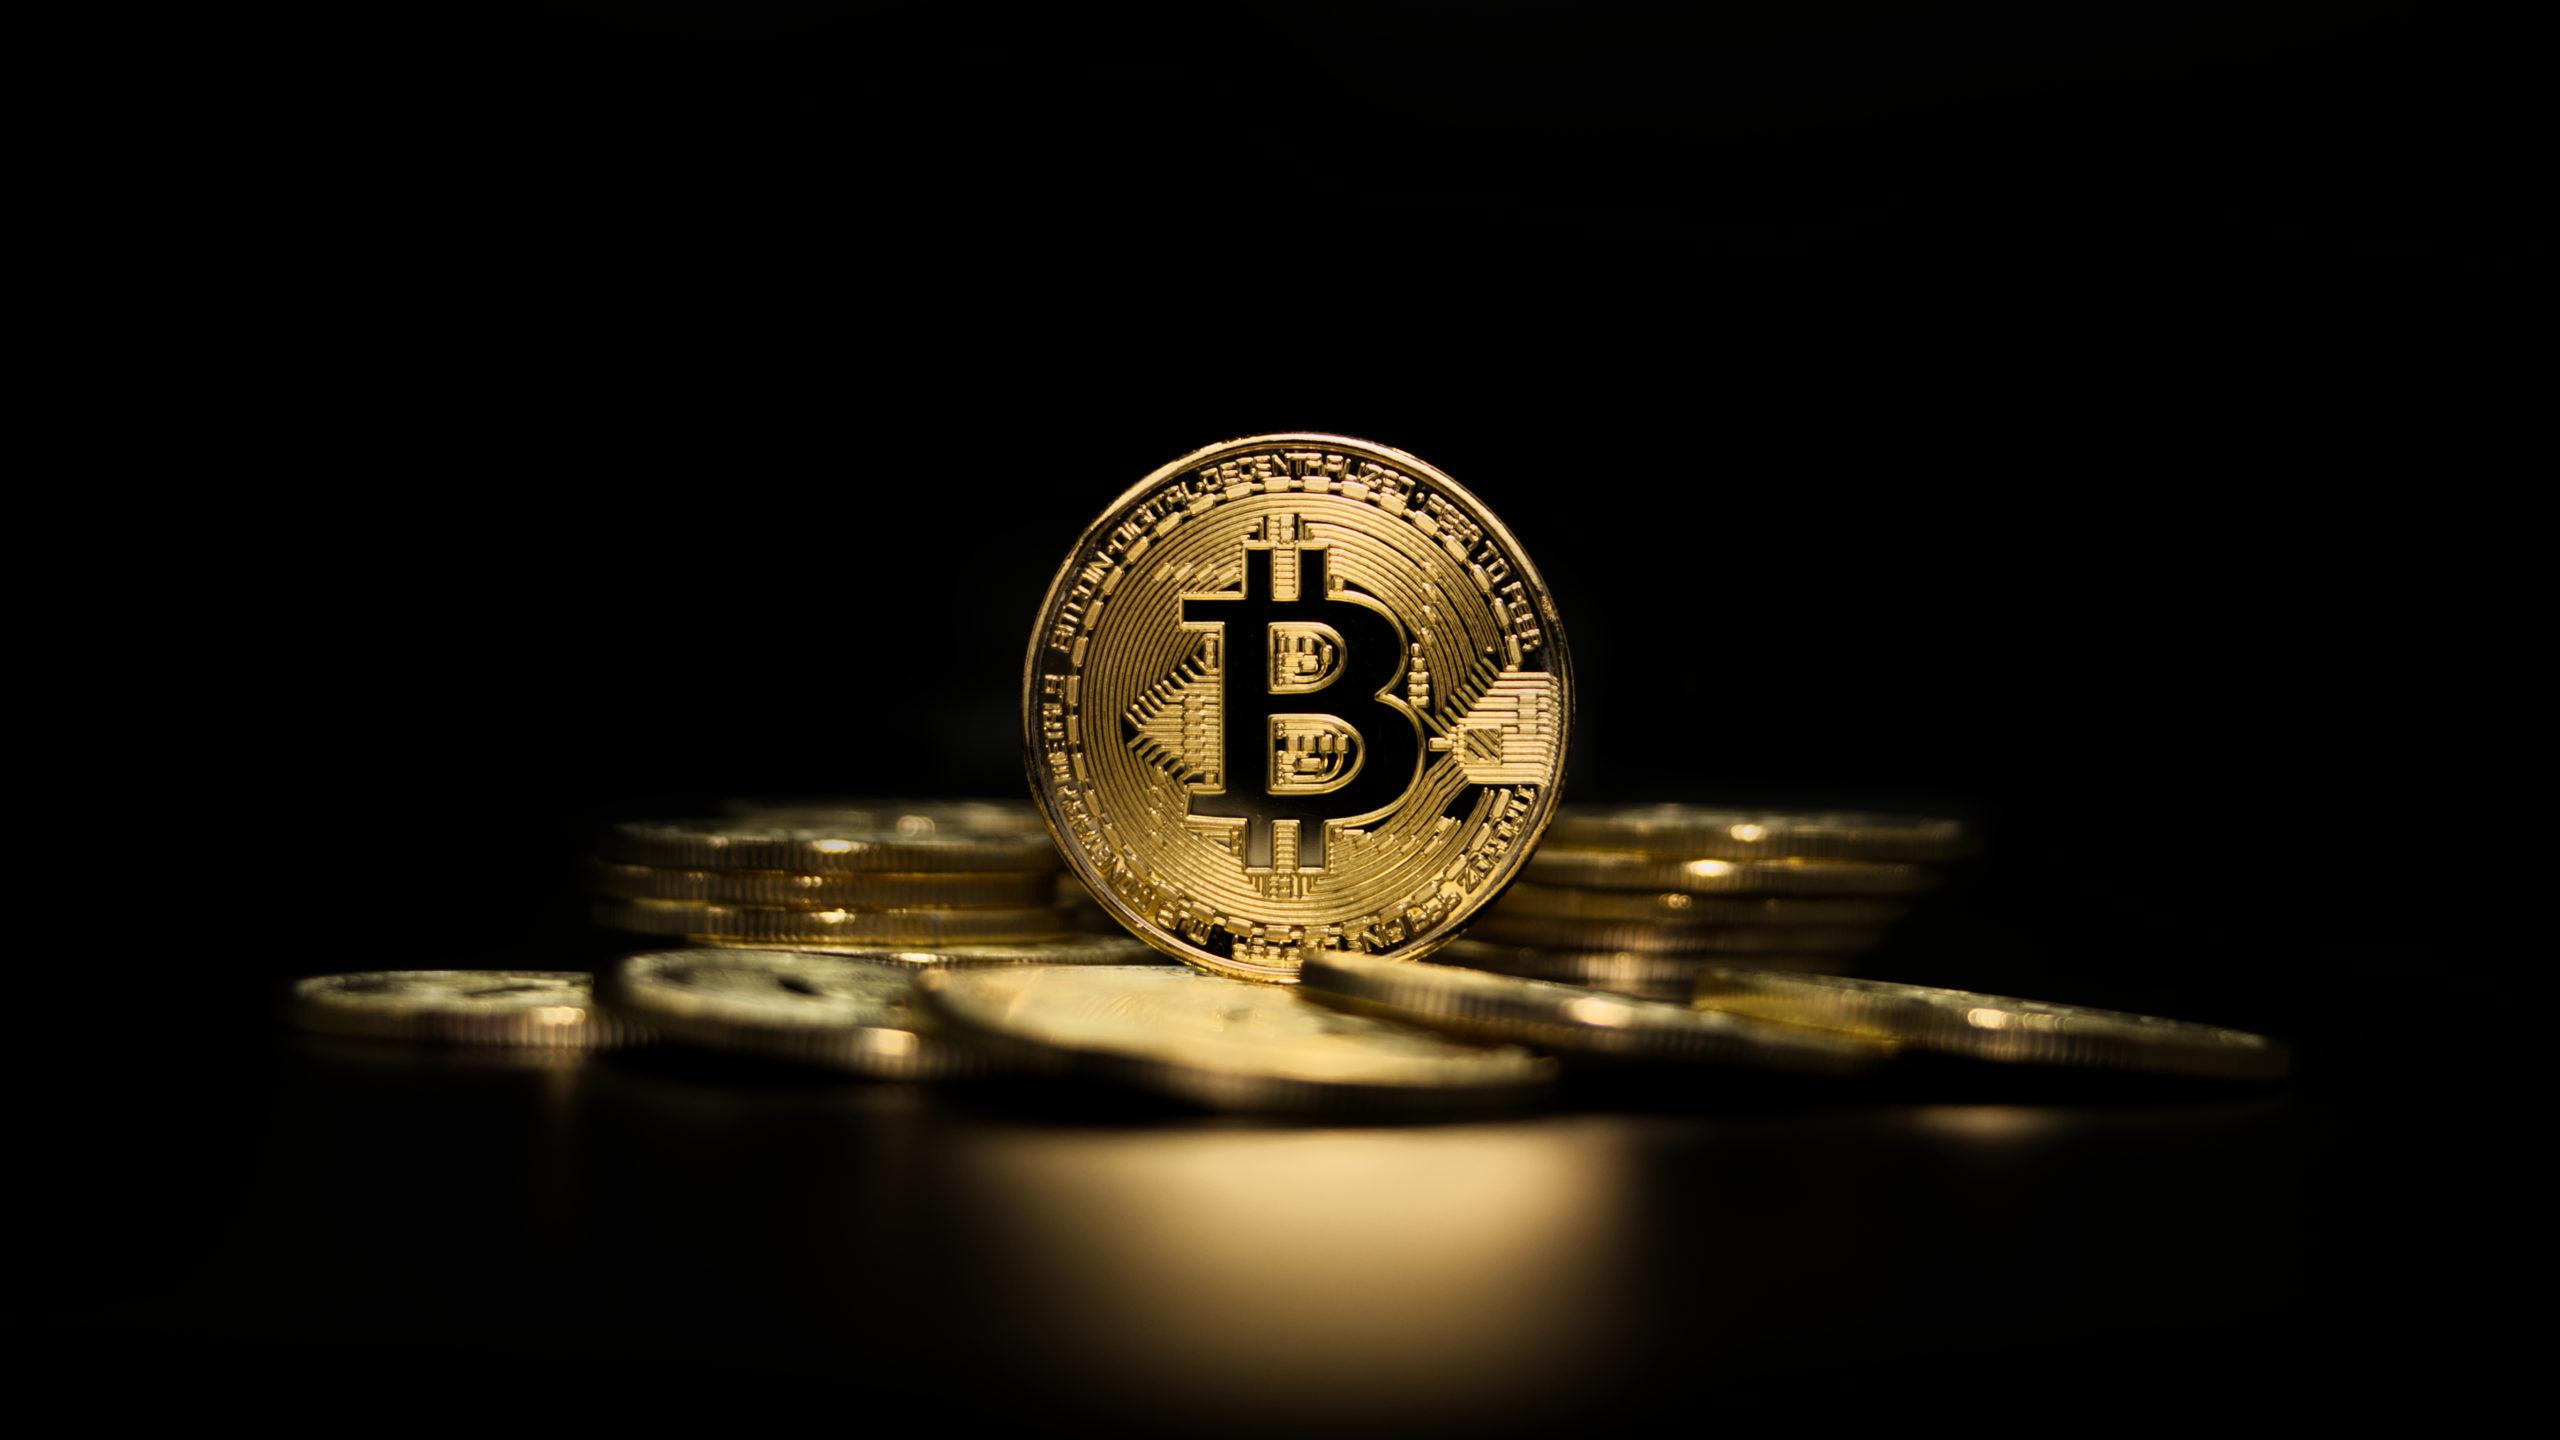 Como comenzar a invertir en bitcoins